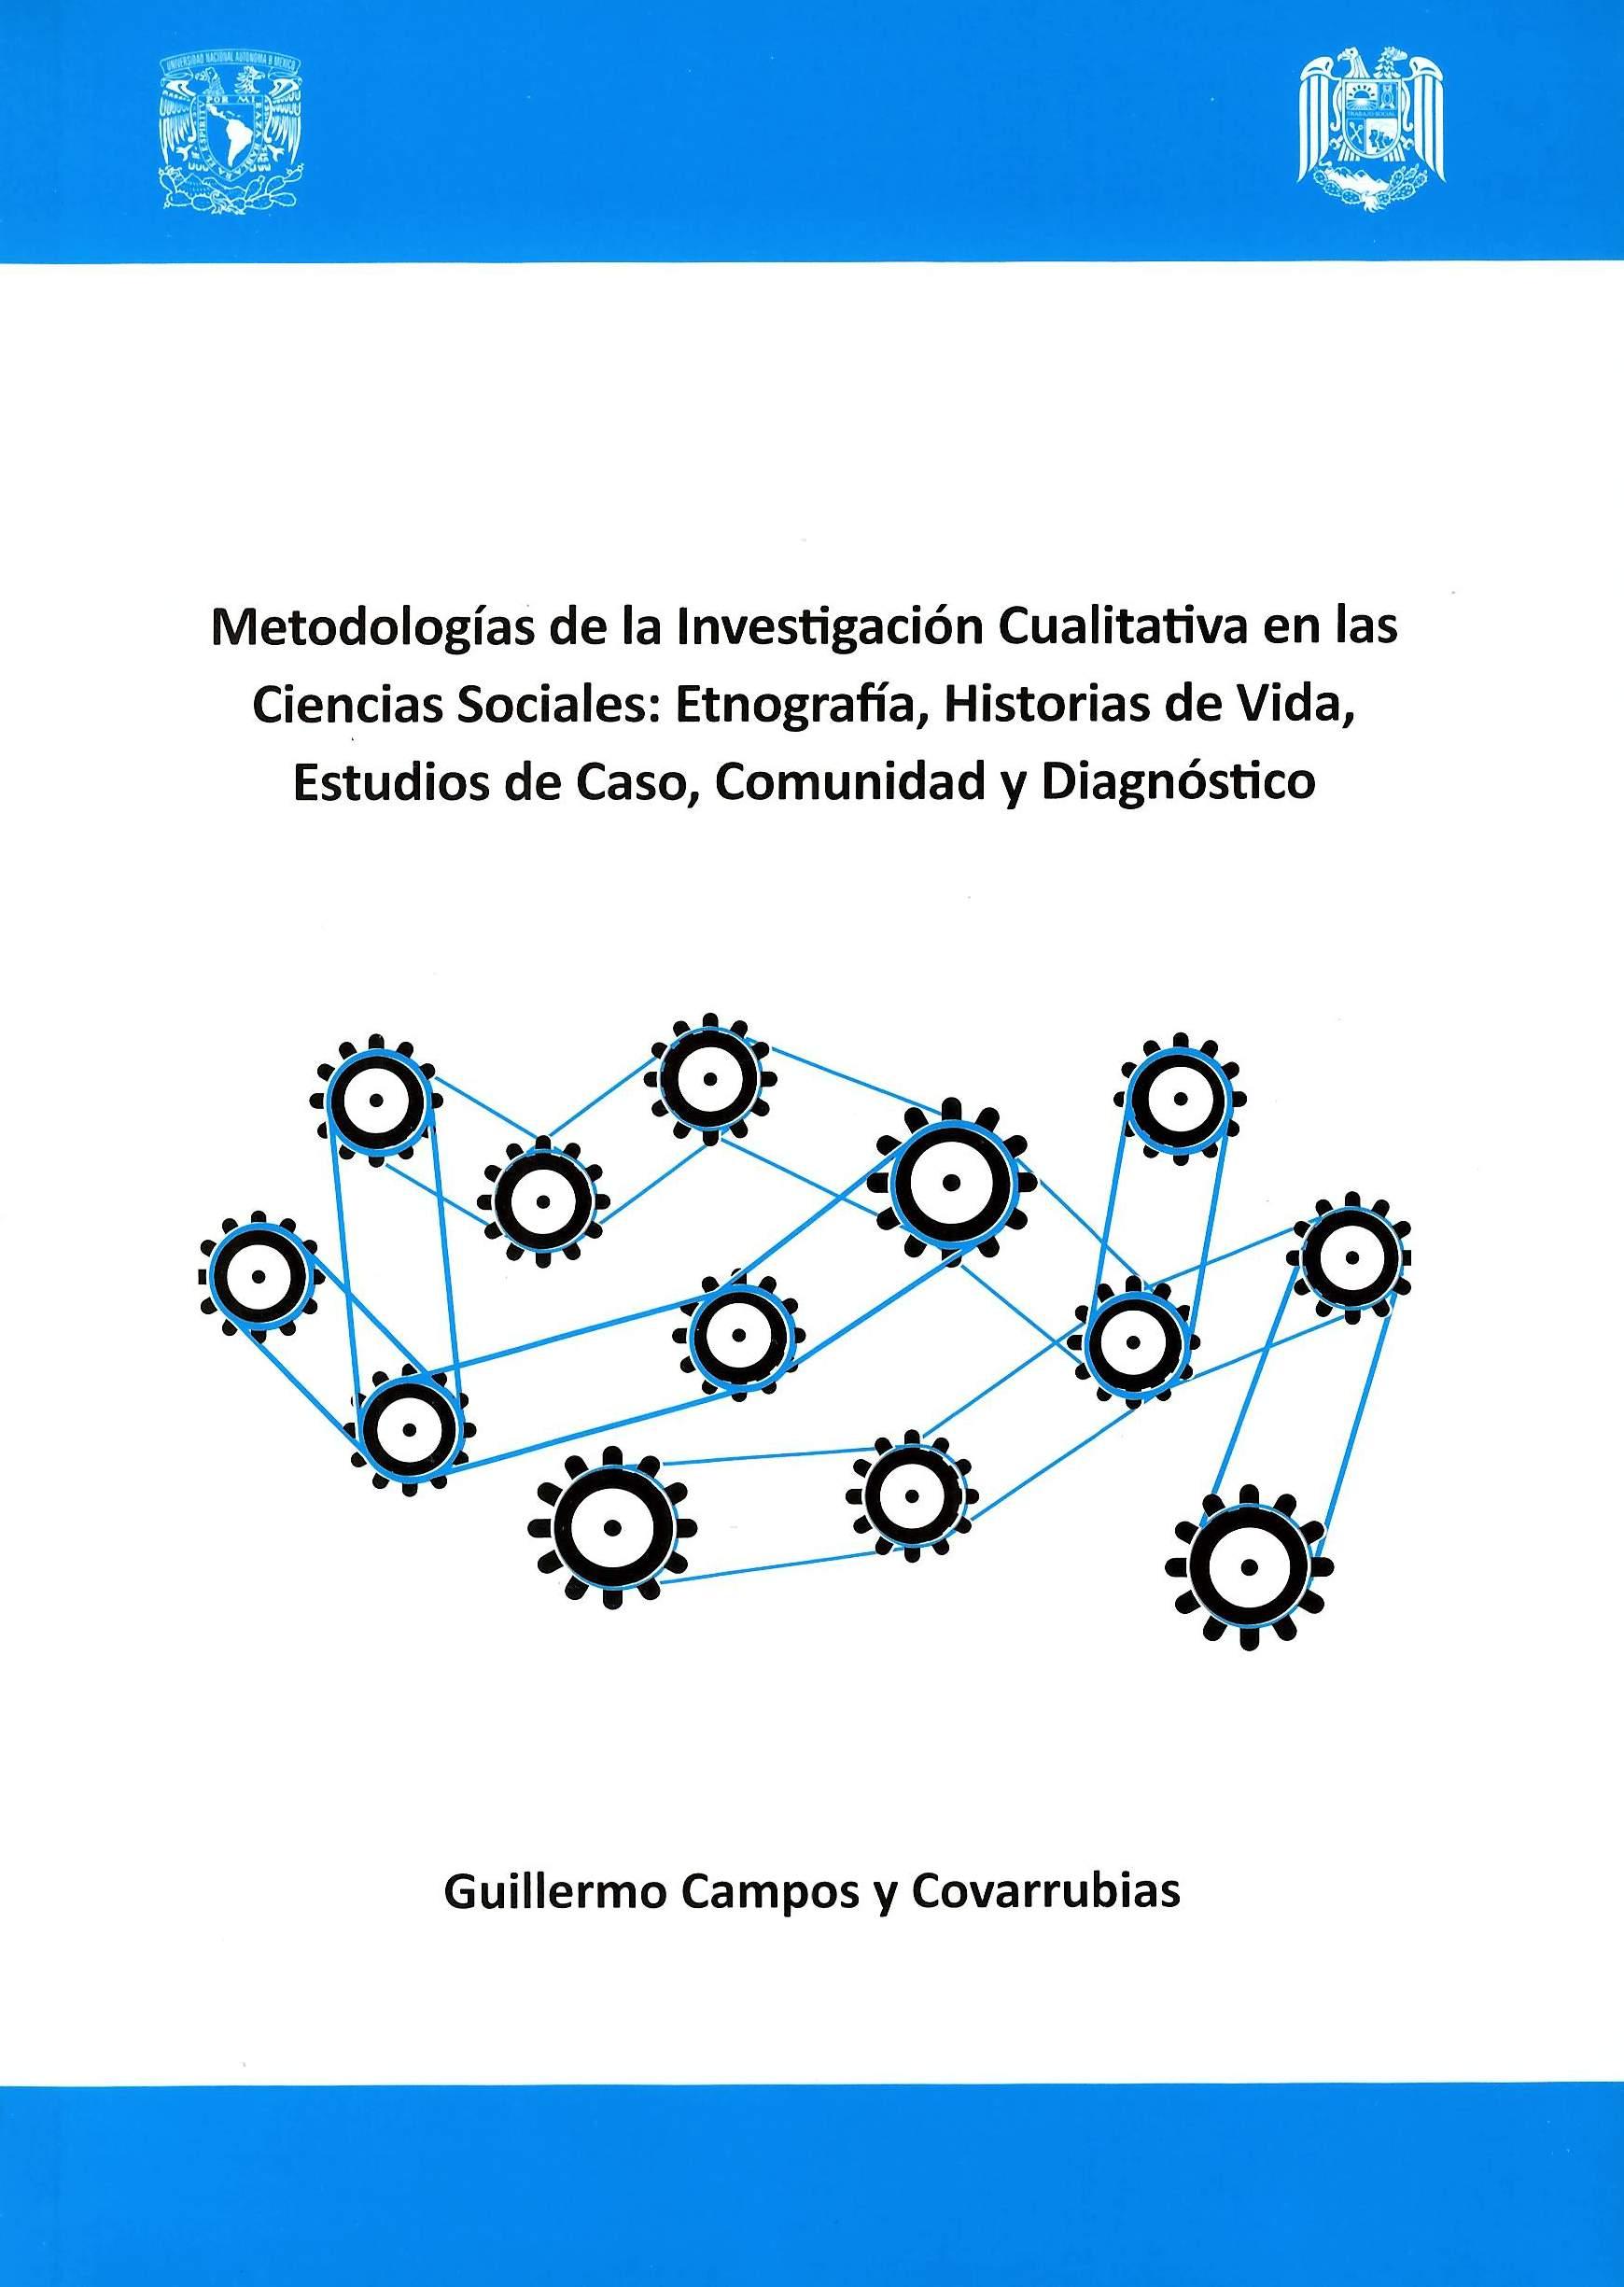 Metodologías de la Investigación Cualitativa en las Ciencias Sociales: Etnografía, Historias de